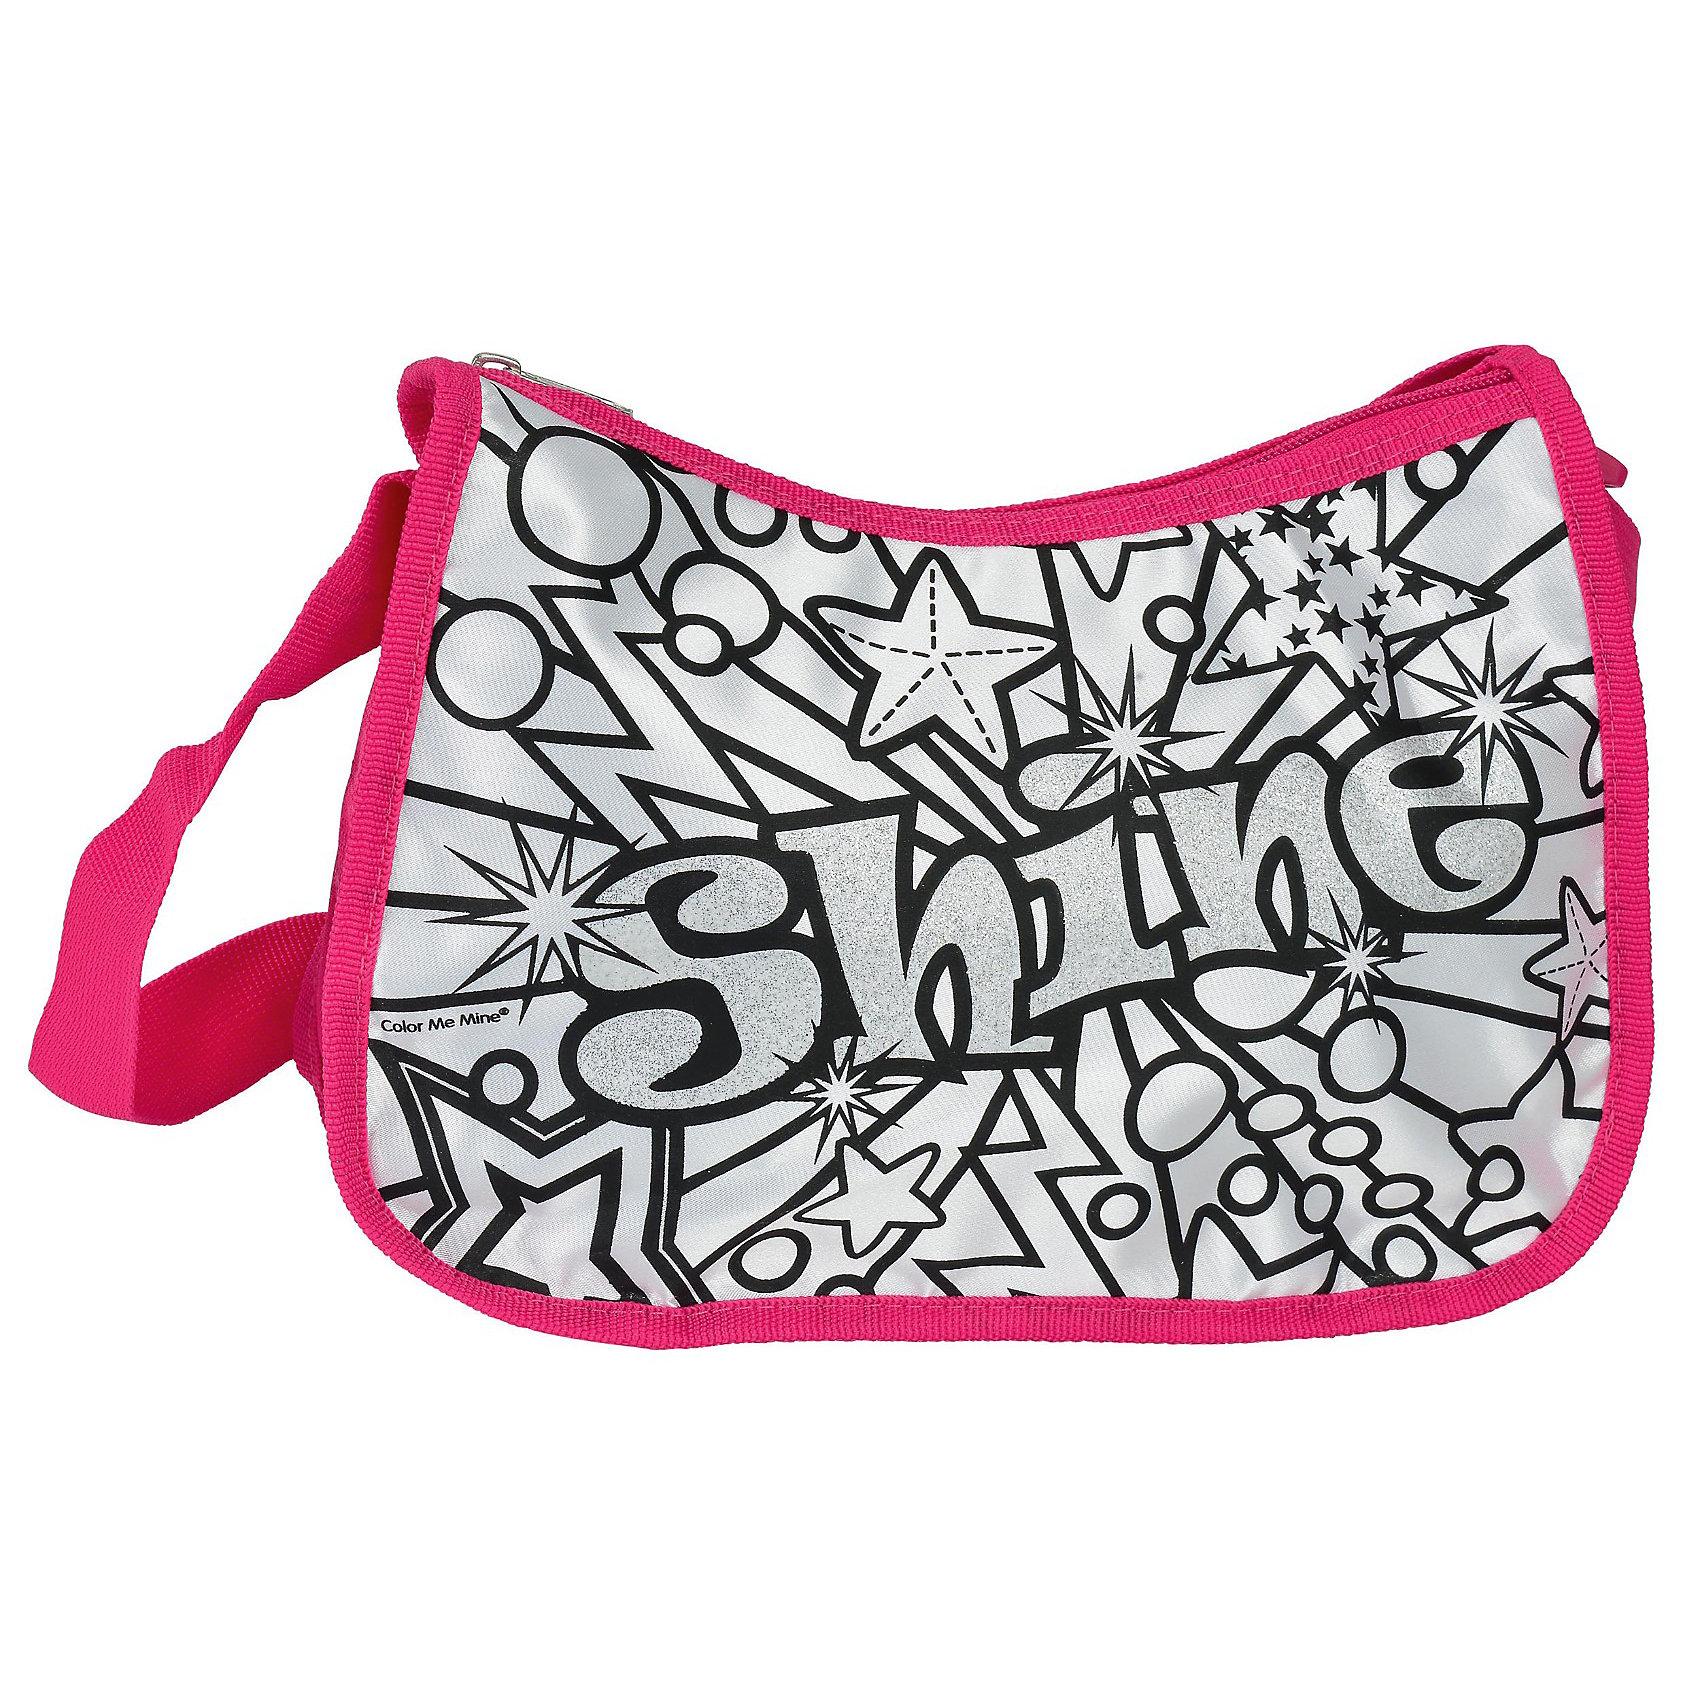 Сумка Лето с блестками, Color me mine, SimbaДорожные сумки и чемоданы<br>Сумка Лето с блестками - это набор для творчества и стильный аксессуар в одном наборе. На сумку нанесен черно-белый контур рисунка, который юная модница может закрасить на свой вкус при помощи входящих в комплект разноцветных водостойких перманентных маркеров.<br><br>Дополнительная информация:<br><br>- у сумки регулируемый ремешок и застежка в виде молнии <br>- размер сумки: 27 x 22 см<br>- в комплекте 5 перманентных цветных маркеров<br><br>Сумку Лето с блестками можно купить в нашем магазине.<br><br>Ширина мм: 269<br>Глубина мм: 325<br>Высота мм: 73<br>Вес г: 320<br>Возраст от месяцев: 72<br>Возраст до месяцев: 120<br>Пол: Женский<br>Возраст: Детский<br>SKU: 3399833